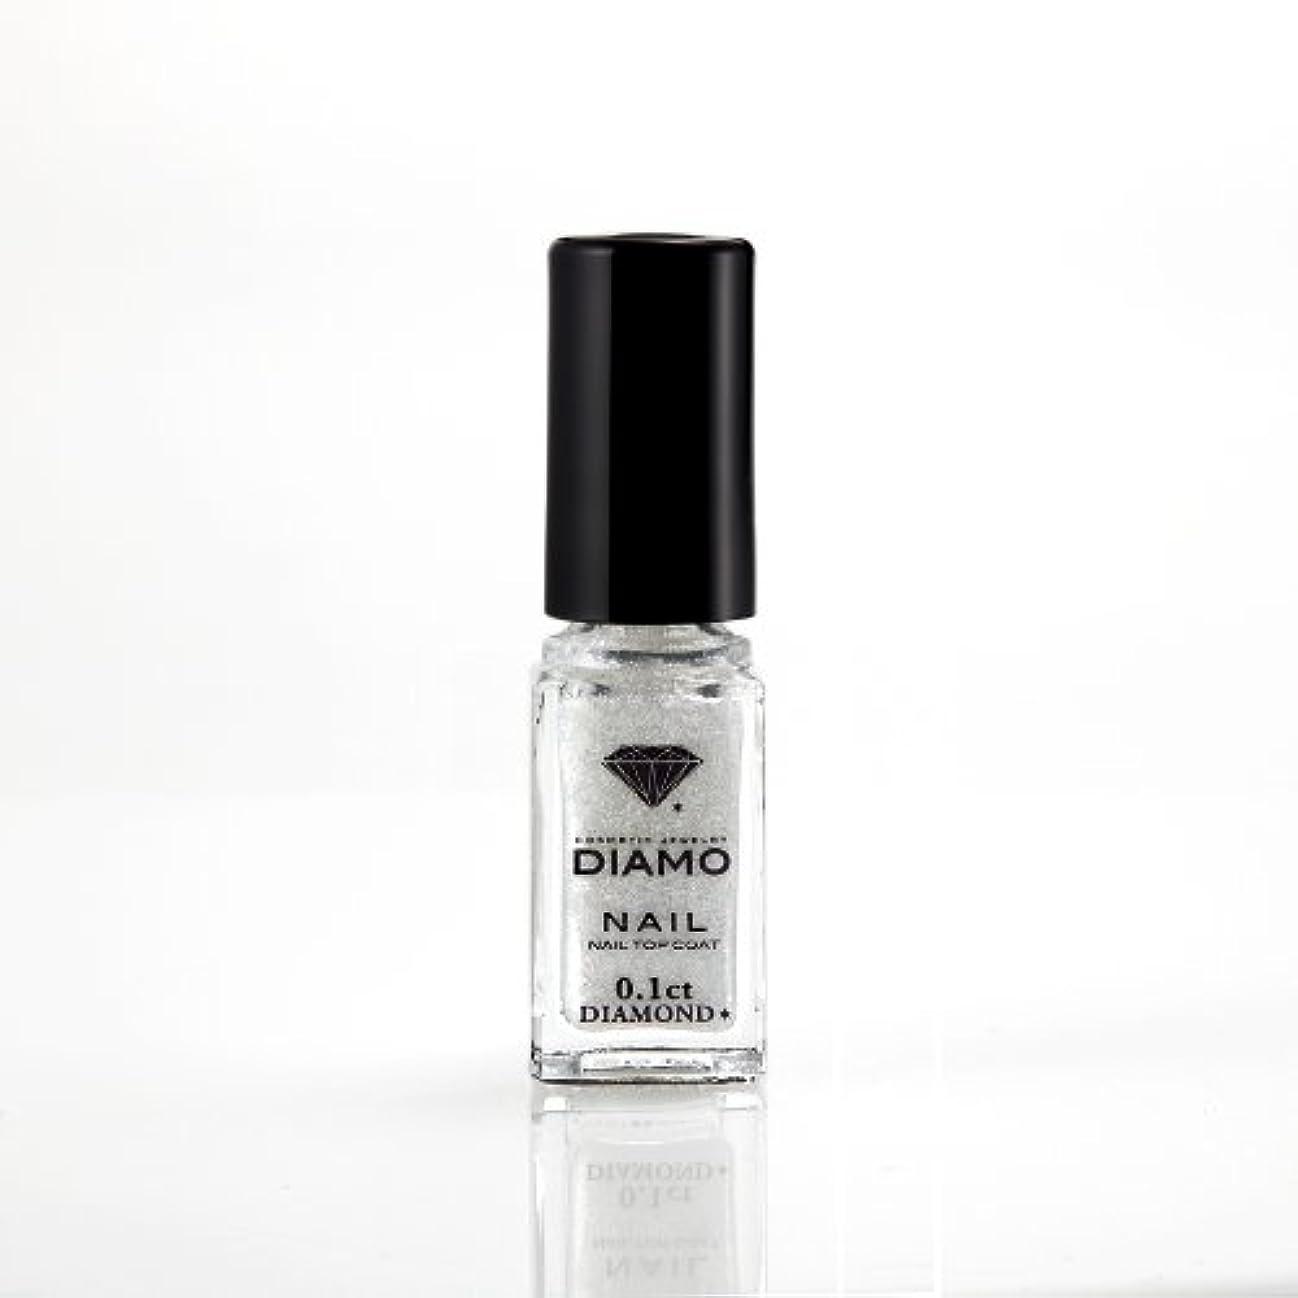 三角形謙虚間接的DIAMO NAIL TOP COAT ディアモ ネイル トップコート0.1ct 天然ダイヤモンド粉末入り5ml